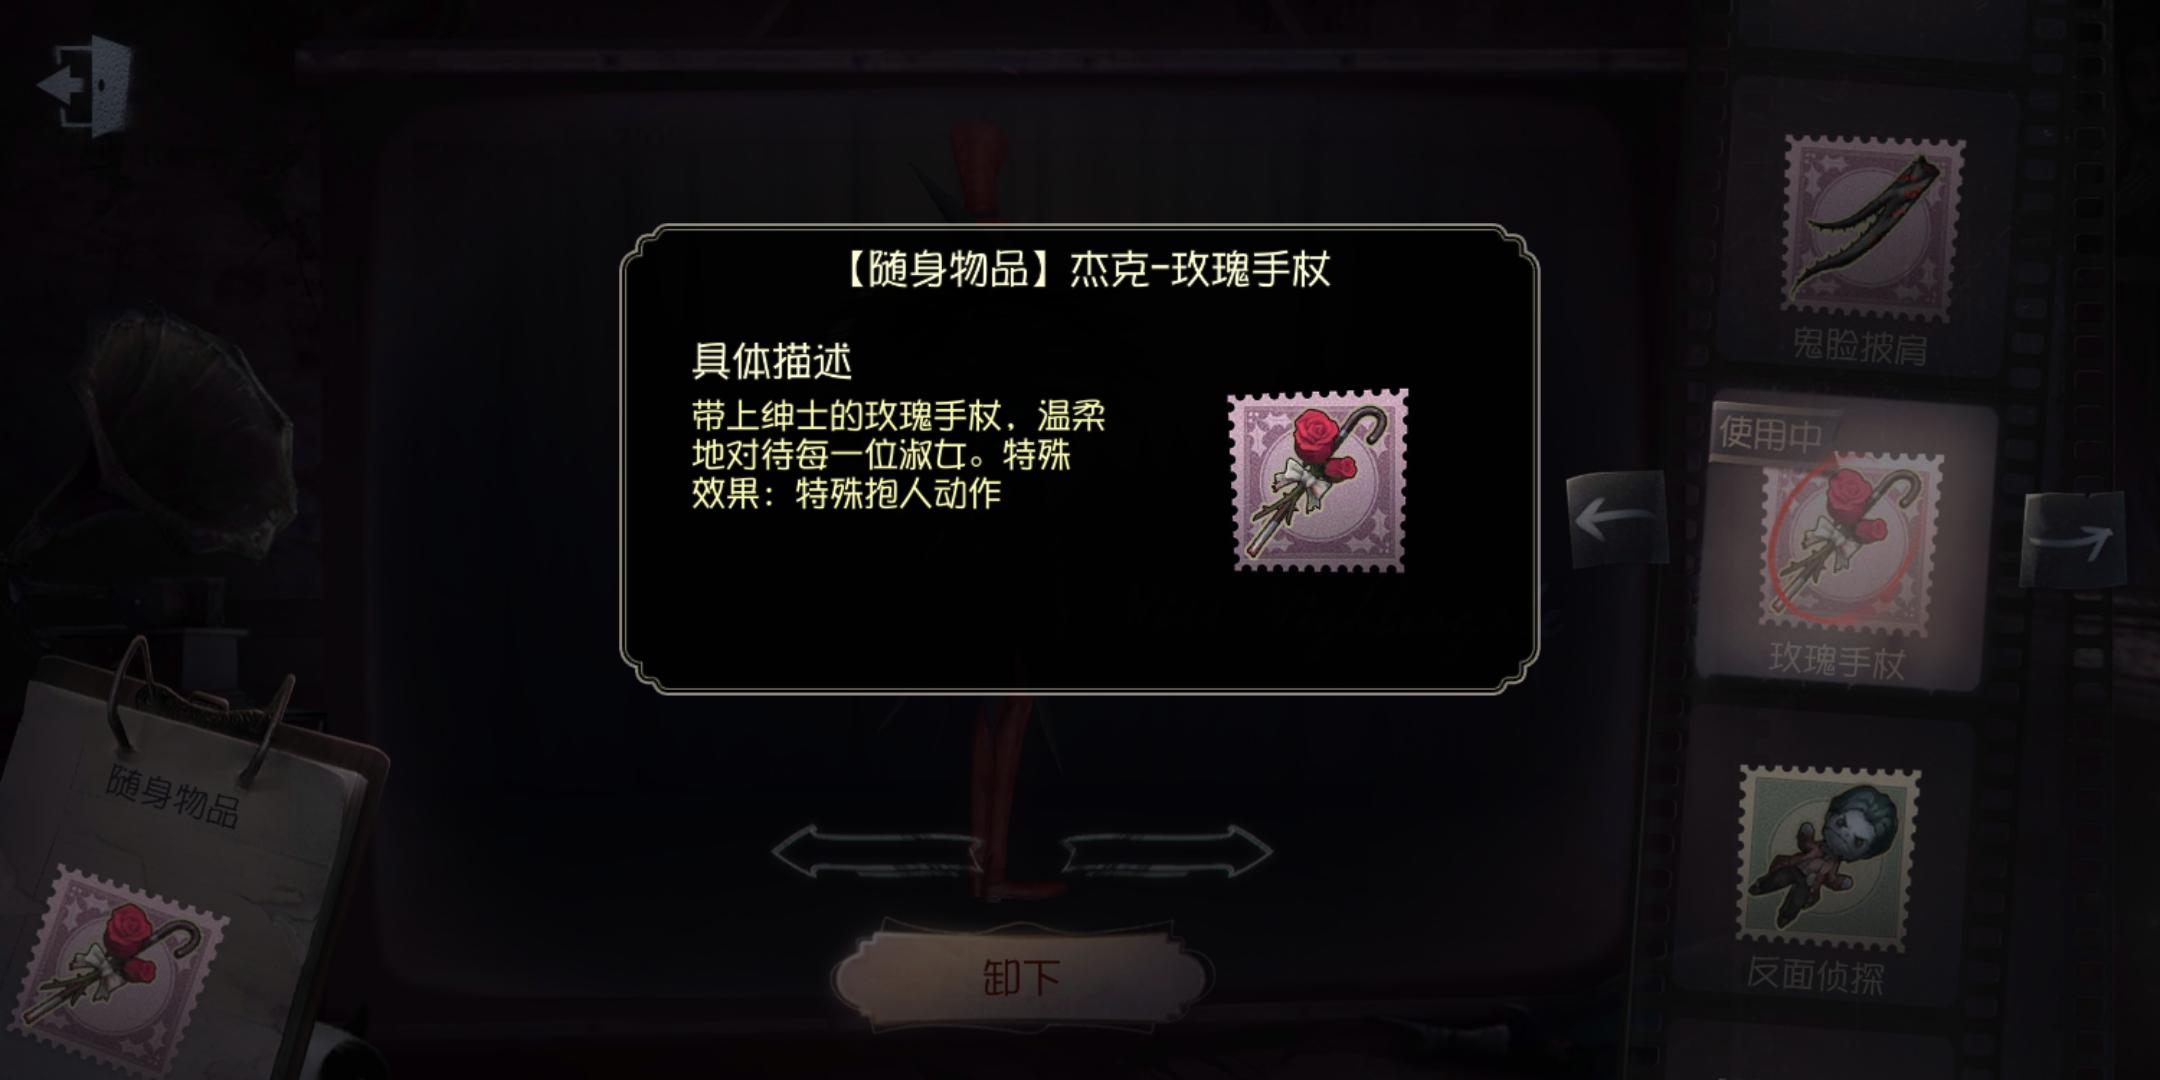 Screenshot_2018-06-17-15-54-20-030_com.netease.dw.png